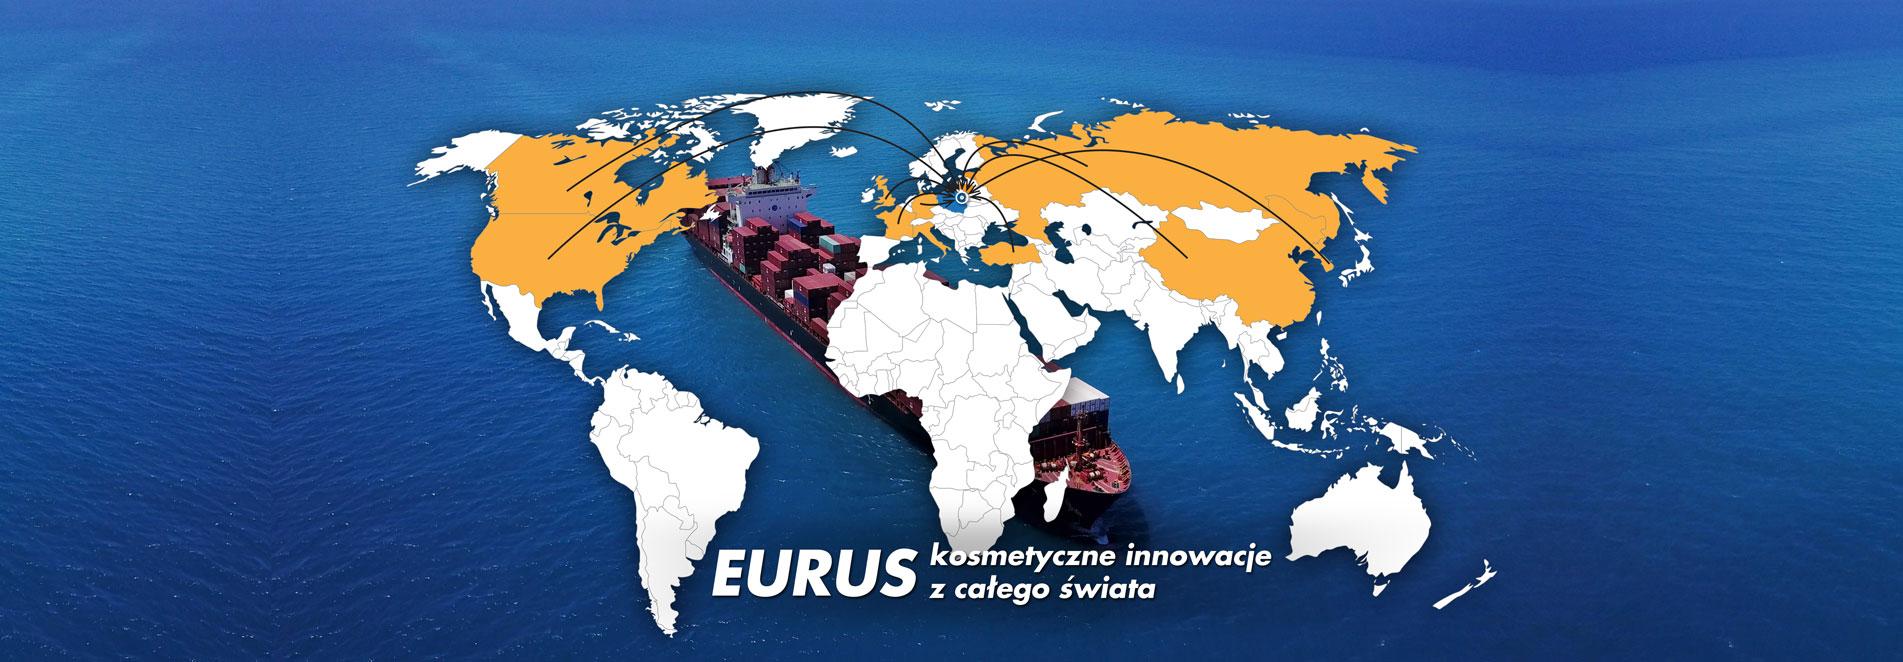 Globalna wspolpraca Eurus